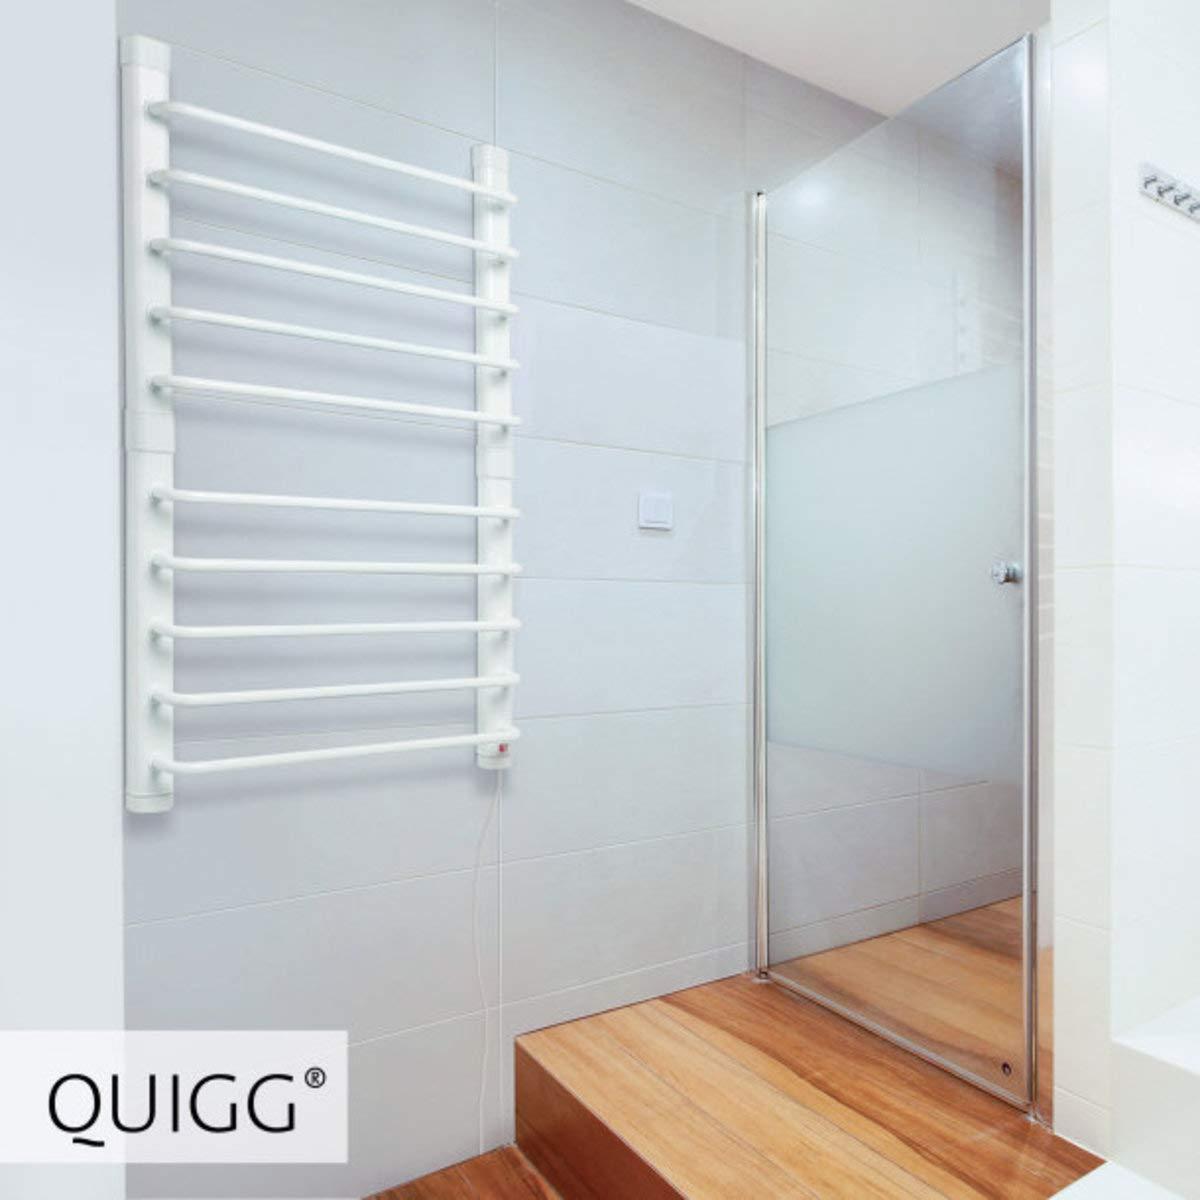 Quigg Radiador-calentador de toallas 3en 1Ropa calentador toallero MD 15351Calefacción 200W: Amazon.es: Bricolaje y herramientas